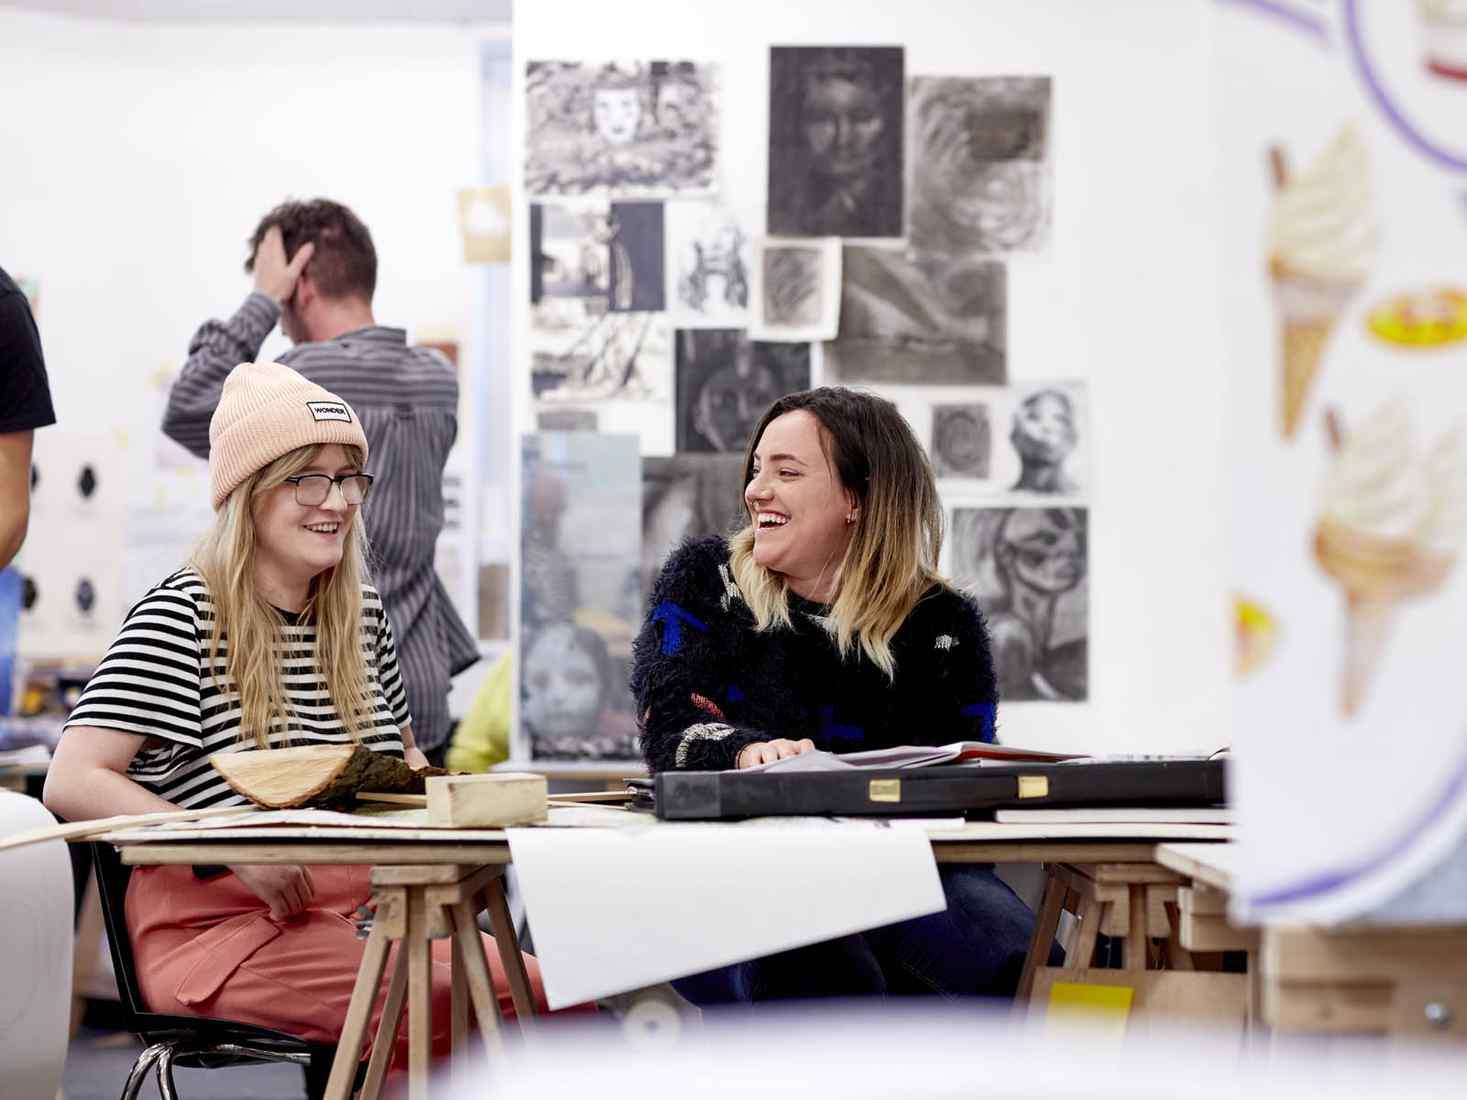 Art students working in studio